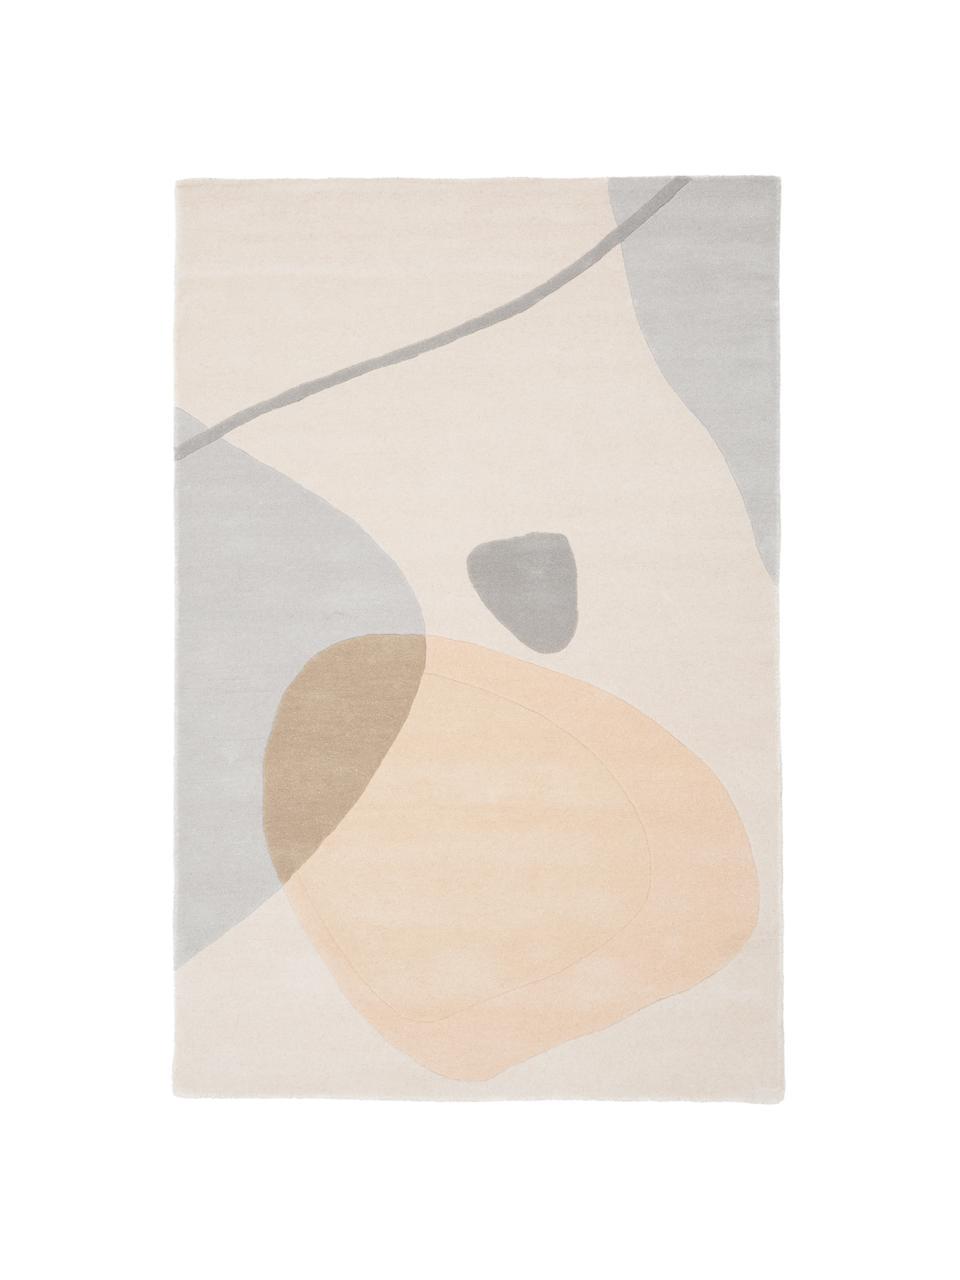 Handgetuft wollen vloerkleed Luke met abstract patroon, Bovenzijde: 100% wol, Onderzijde: 100% katoen Bij wollen vl, Beige, grijs, abrikooskleurig, B 200 x L 300 cm (maat L)